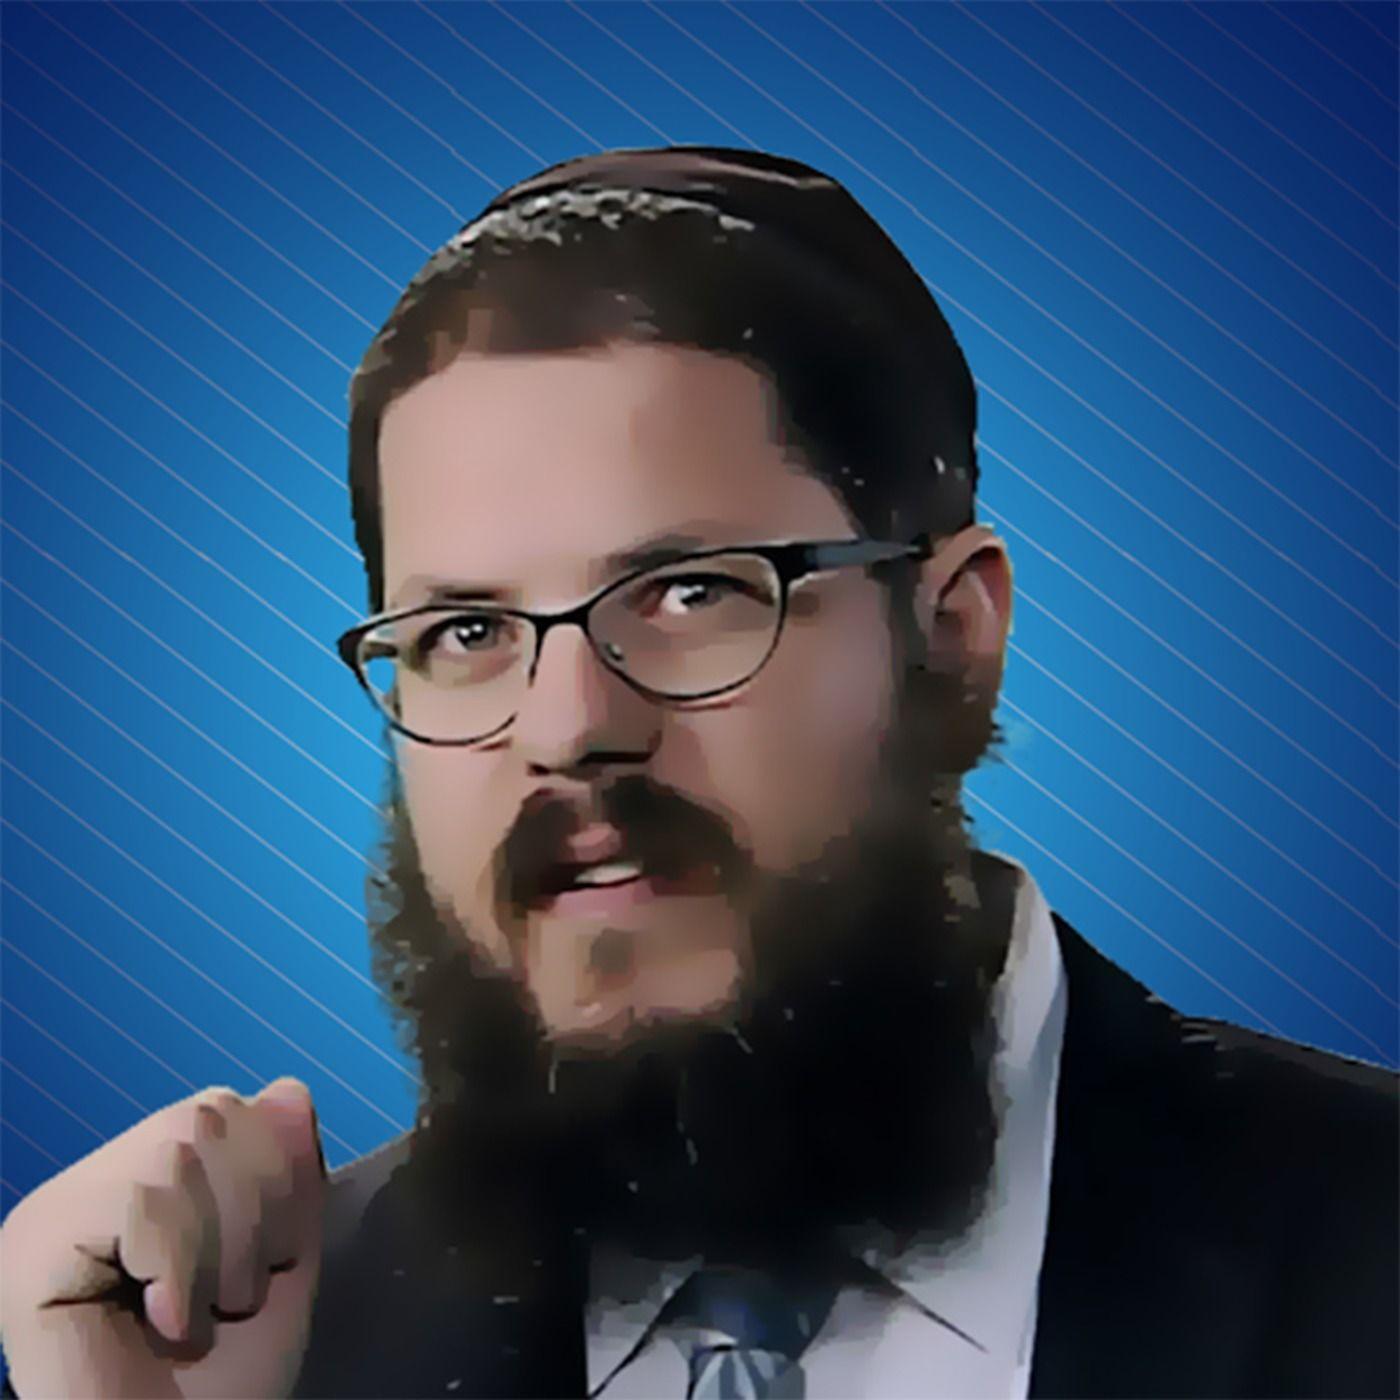 החיים הם שיר: איך תוכחה חמורה כהאזינו הפכה לשירת היהדות?